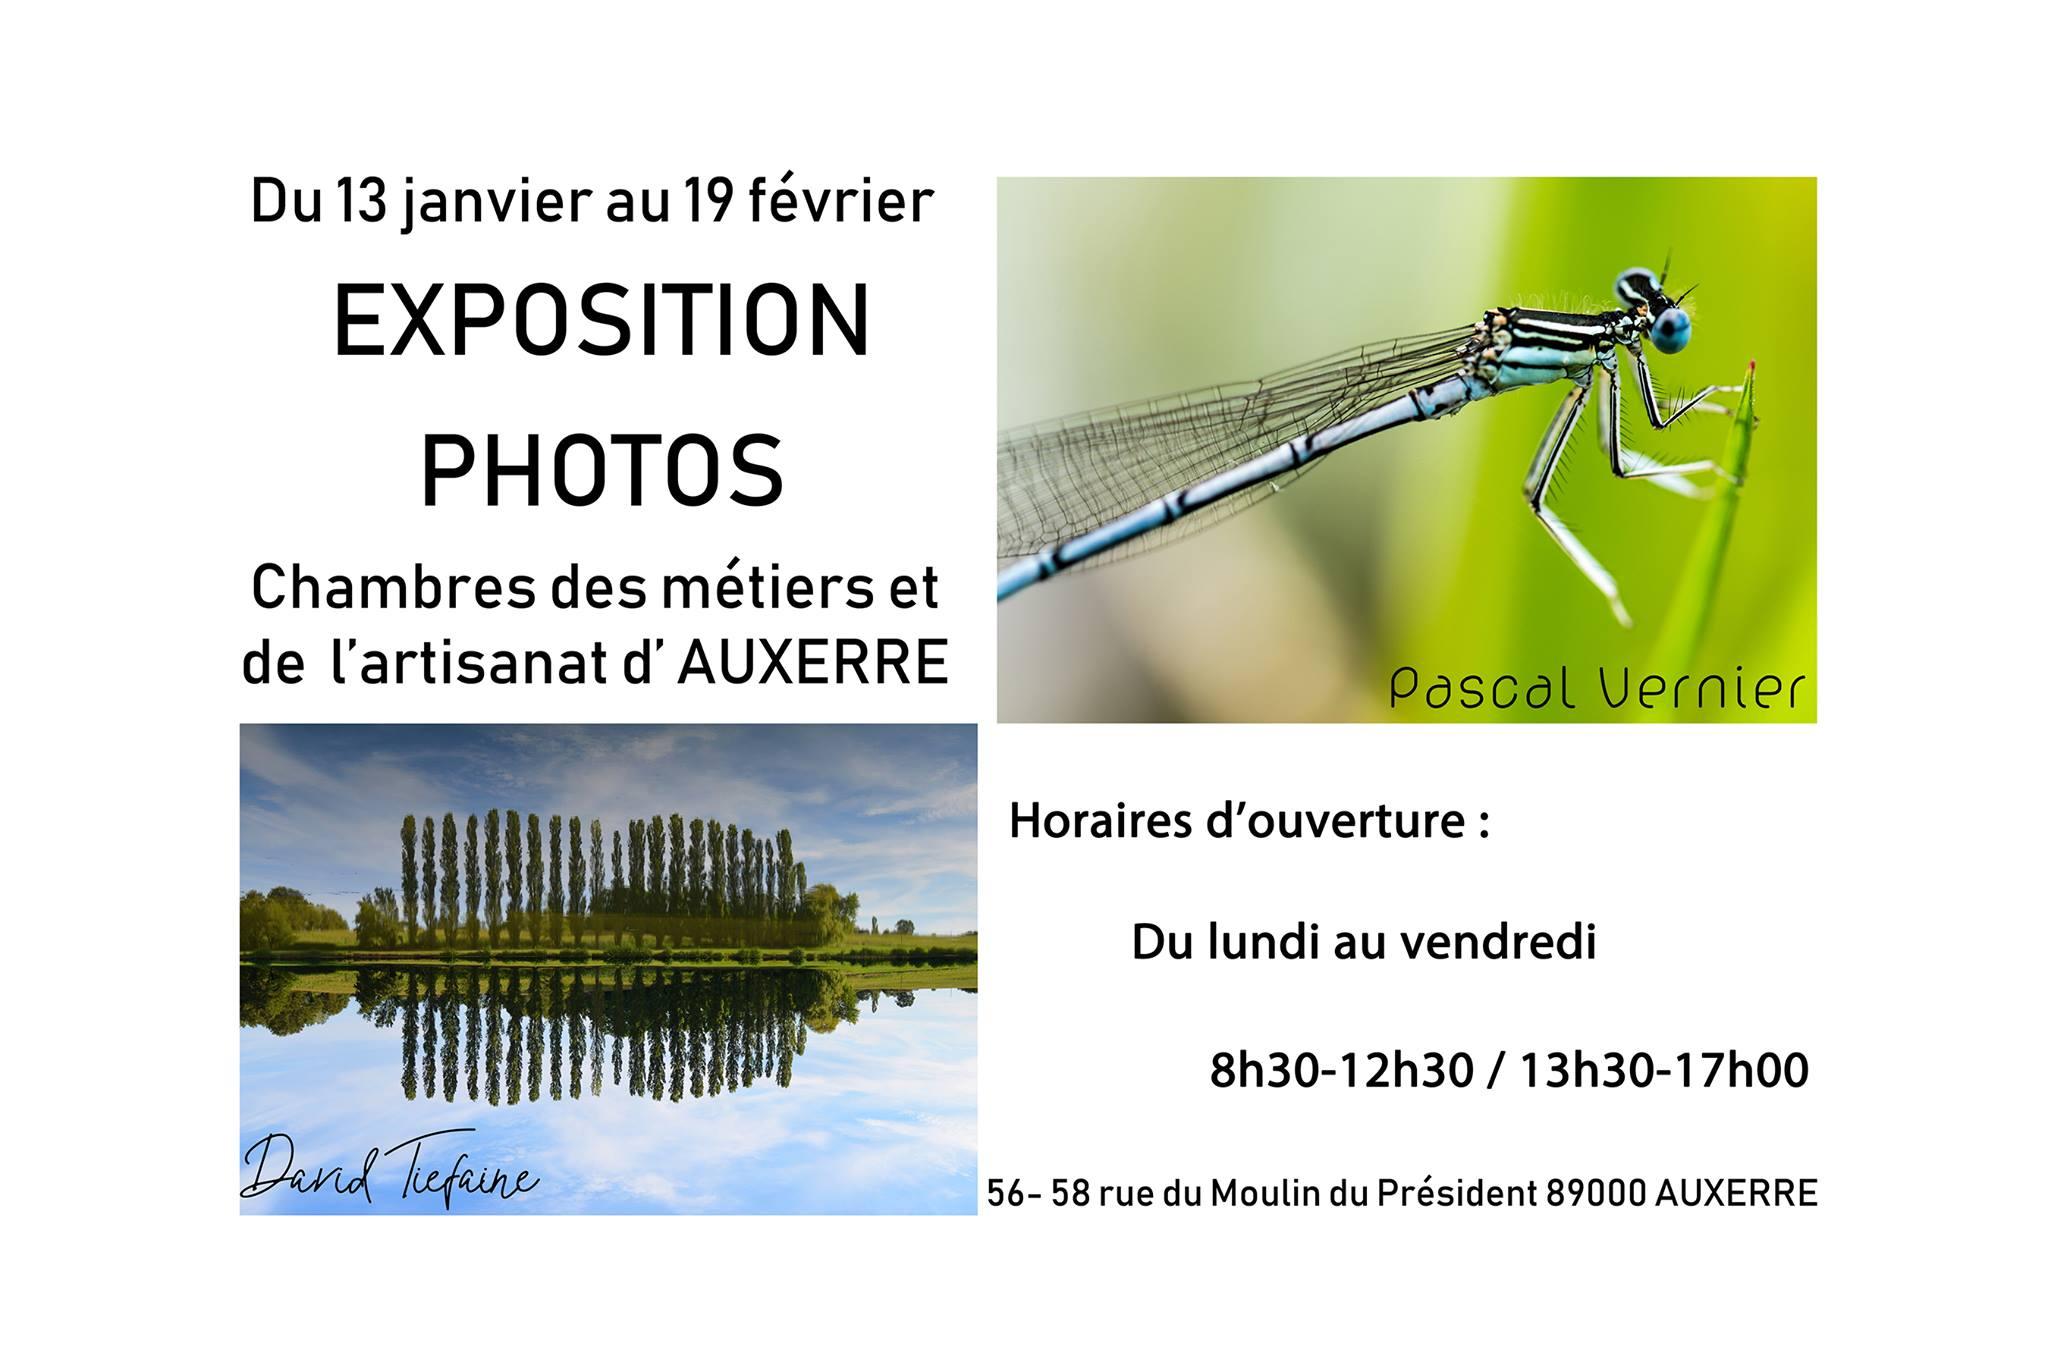 Expo Photo David Thièfaine - Pascal Vernier - Expofotoexpofoto dedans Chambre Des Metiers Auxerre